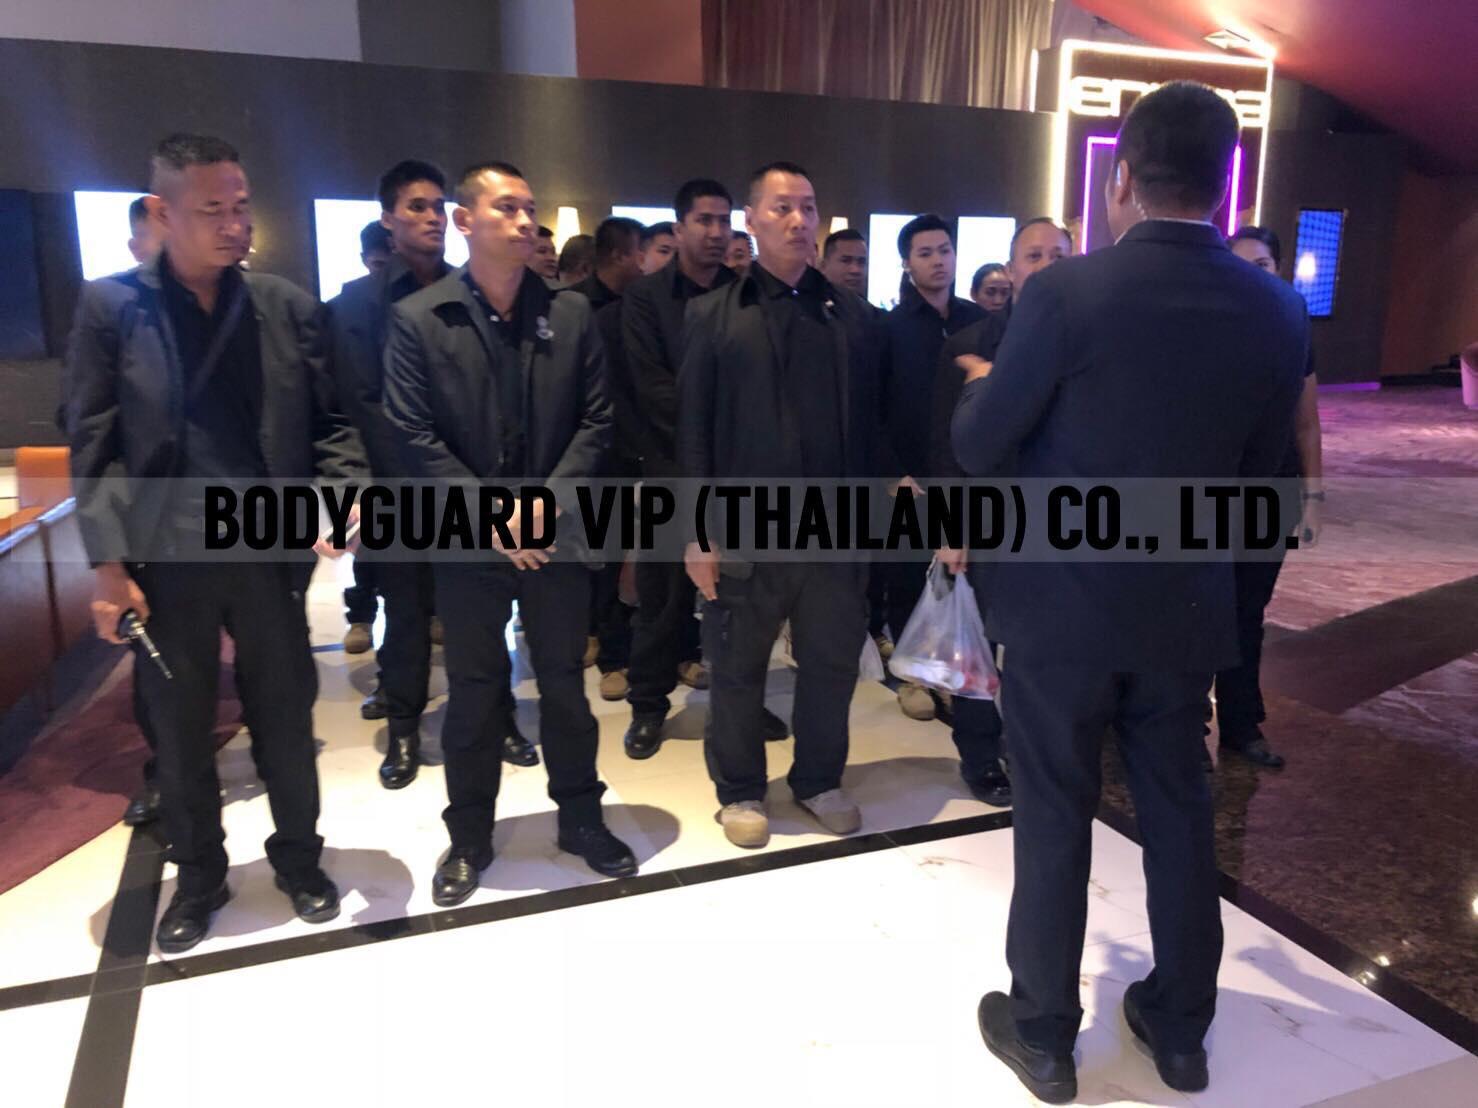 นอกจากการรักษาความปลอดภัยภายในงาน event แล้ว ทางทีม BODYGUARD VIP (THAILAND)